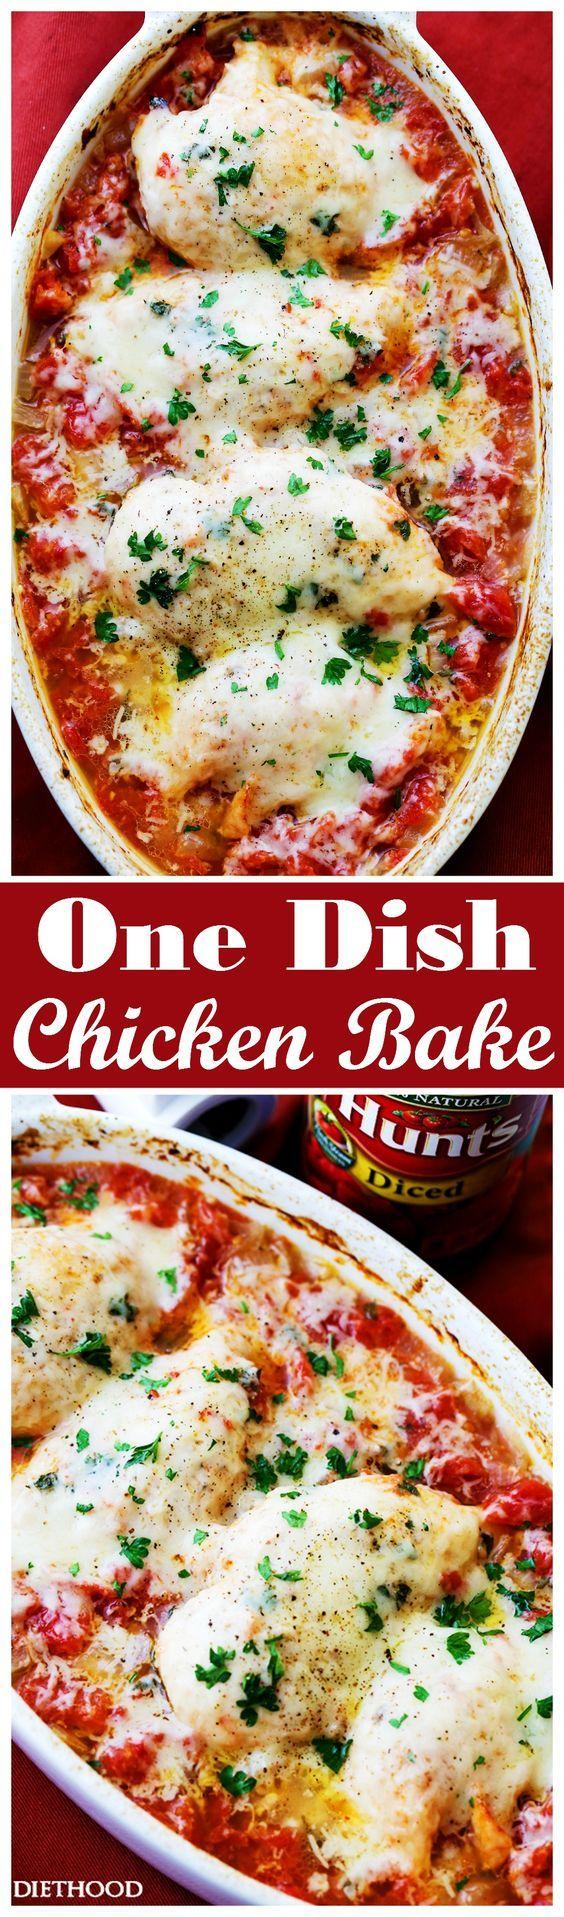 One Dish Chicken Bake